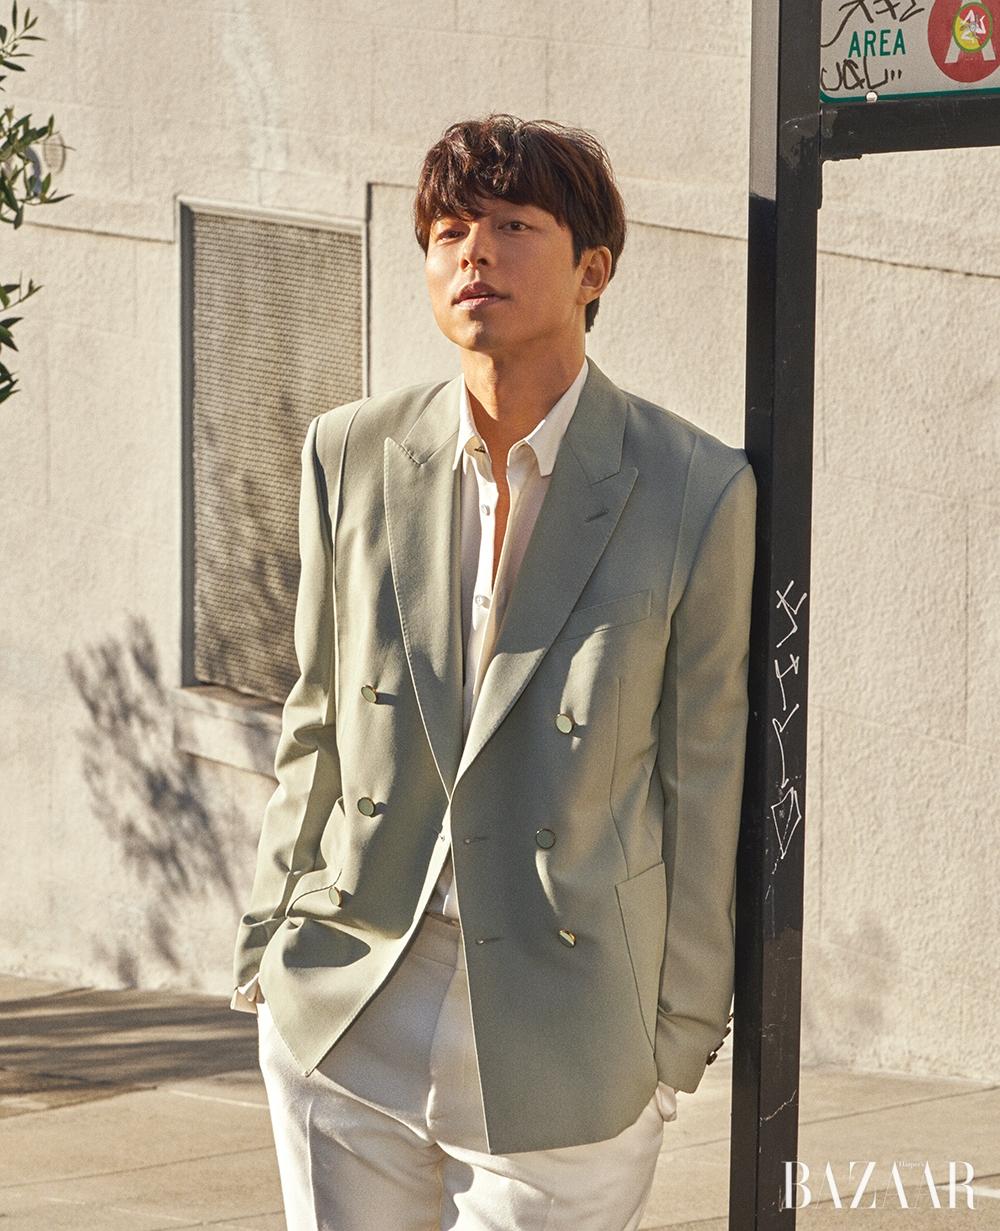 더블 브레스트 재킷, 셔츠, 팬츠는 모두 Louis Vuitton.